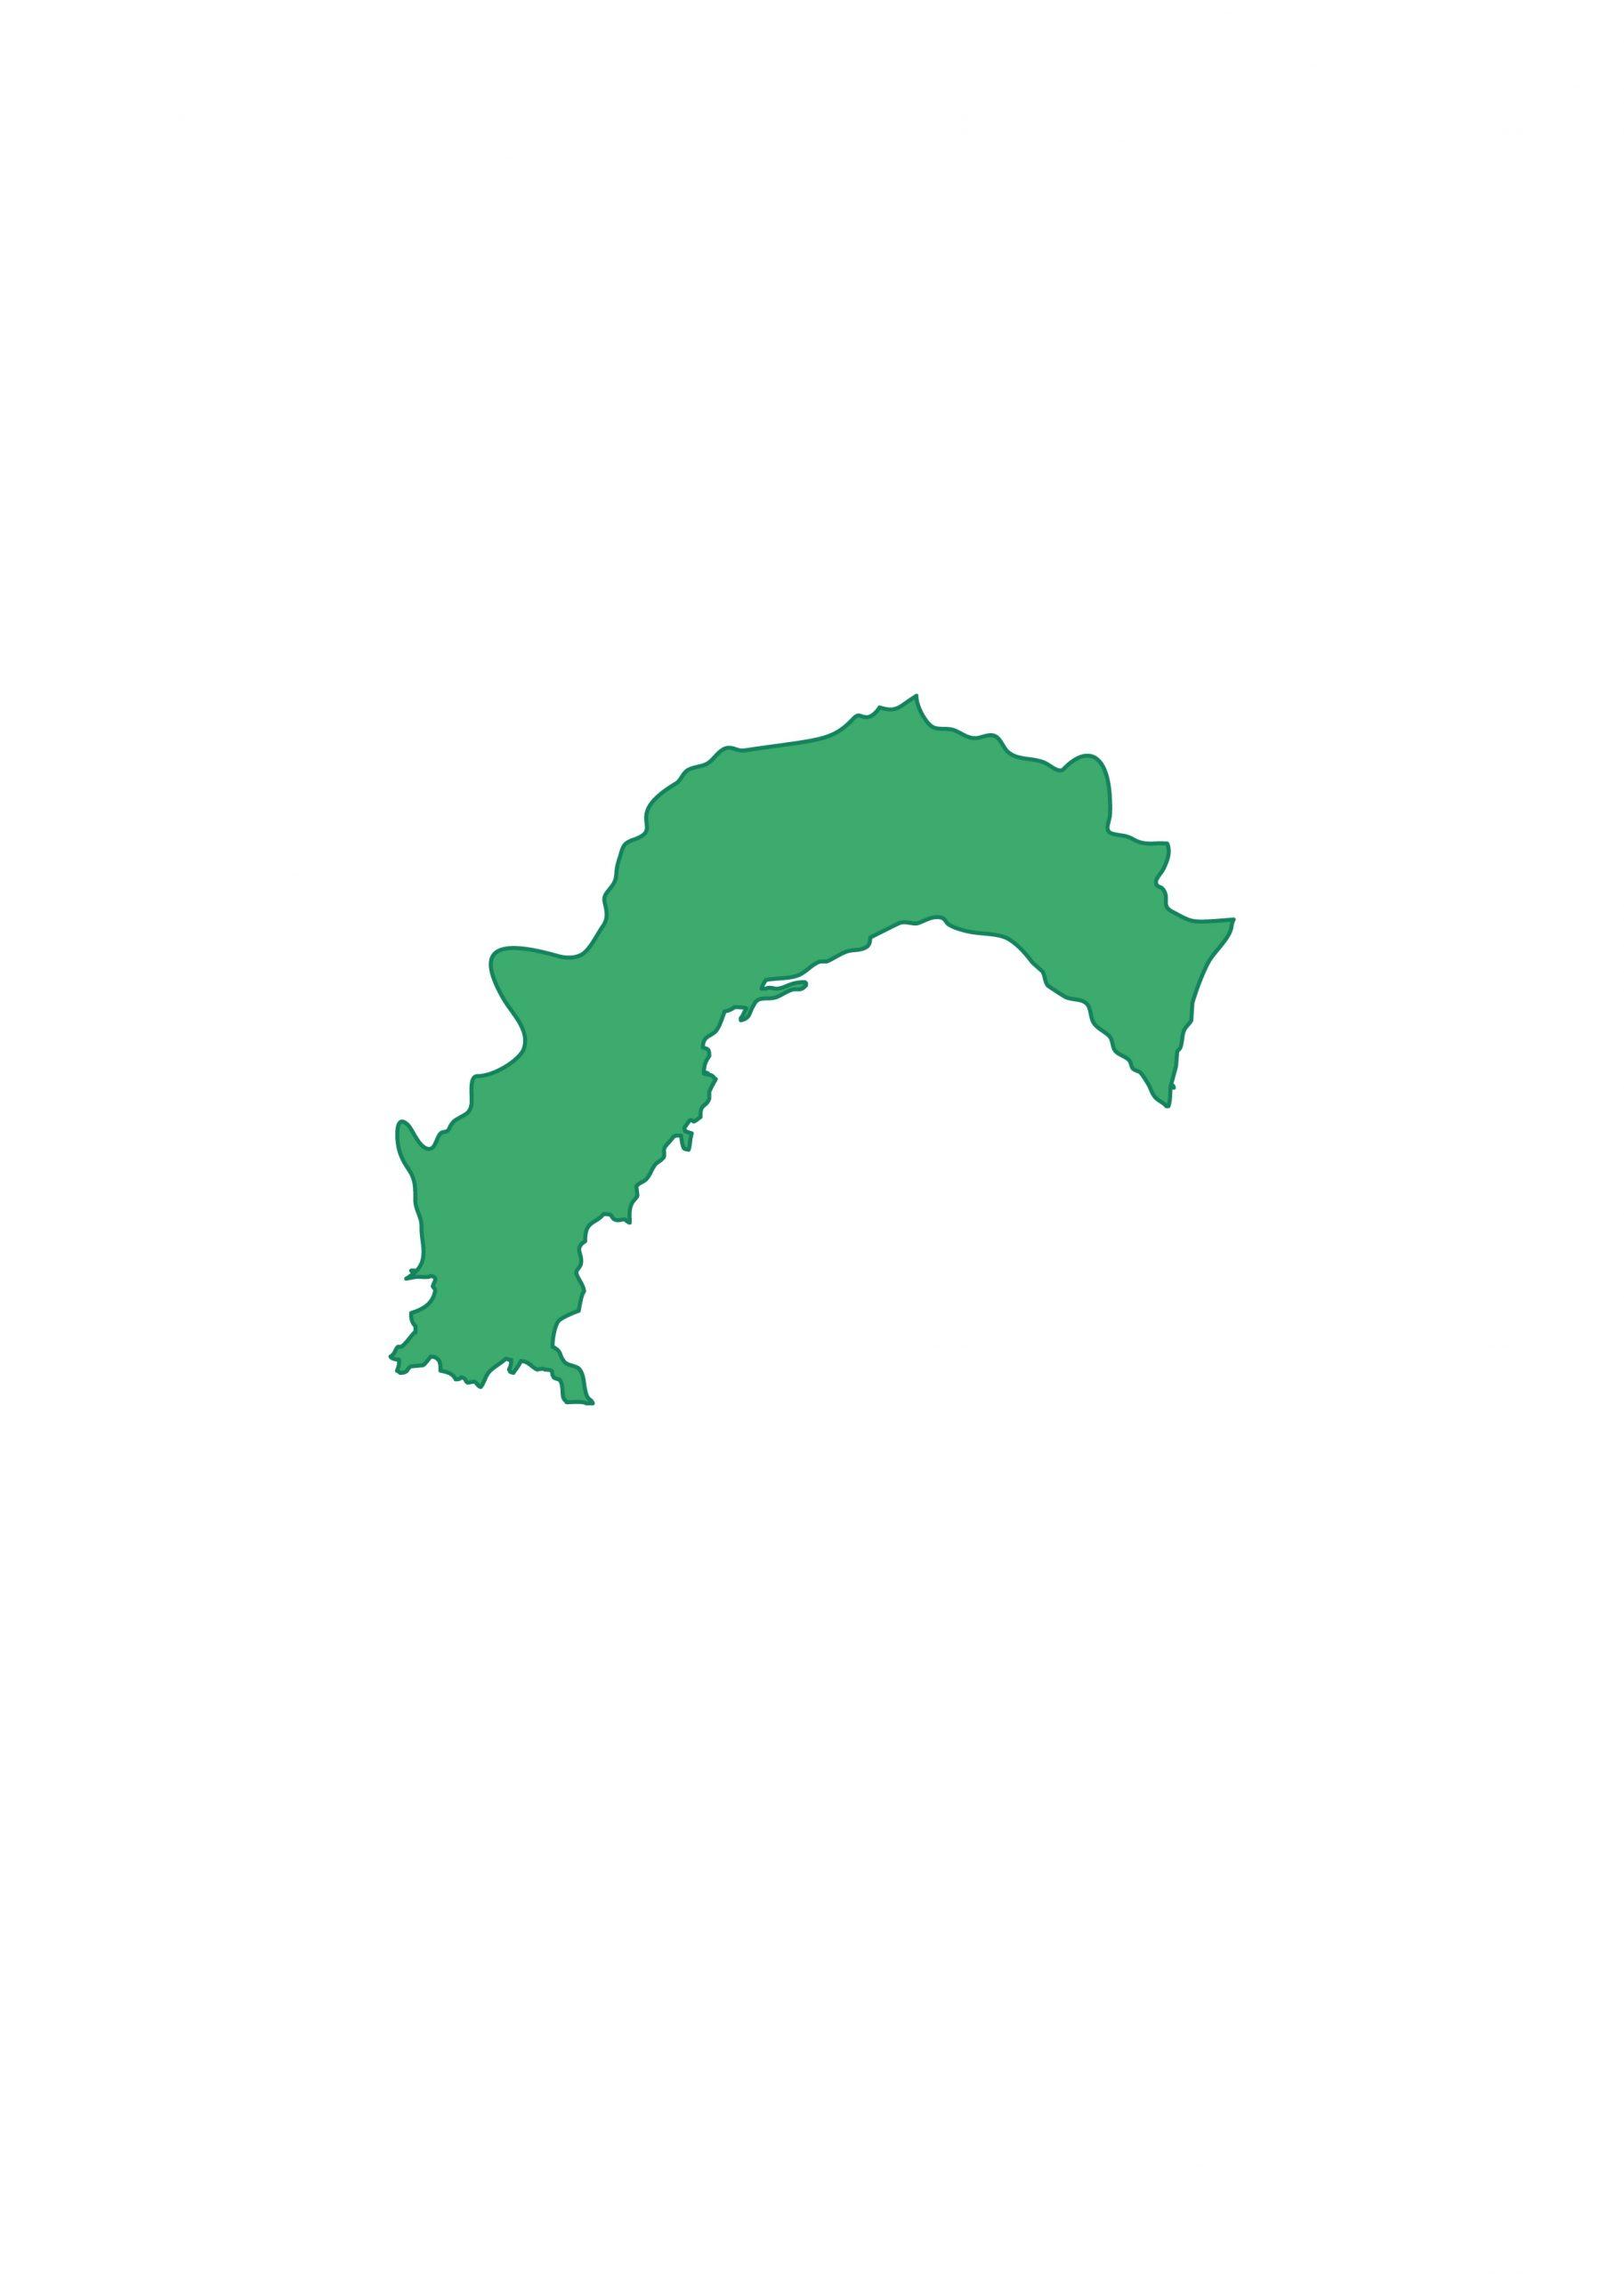 高知県無料フリーイラスト|文字なし(緑)